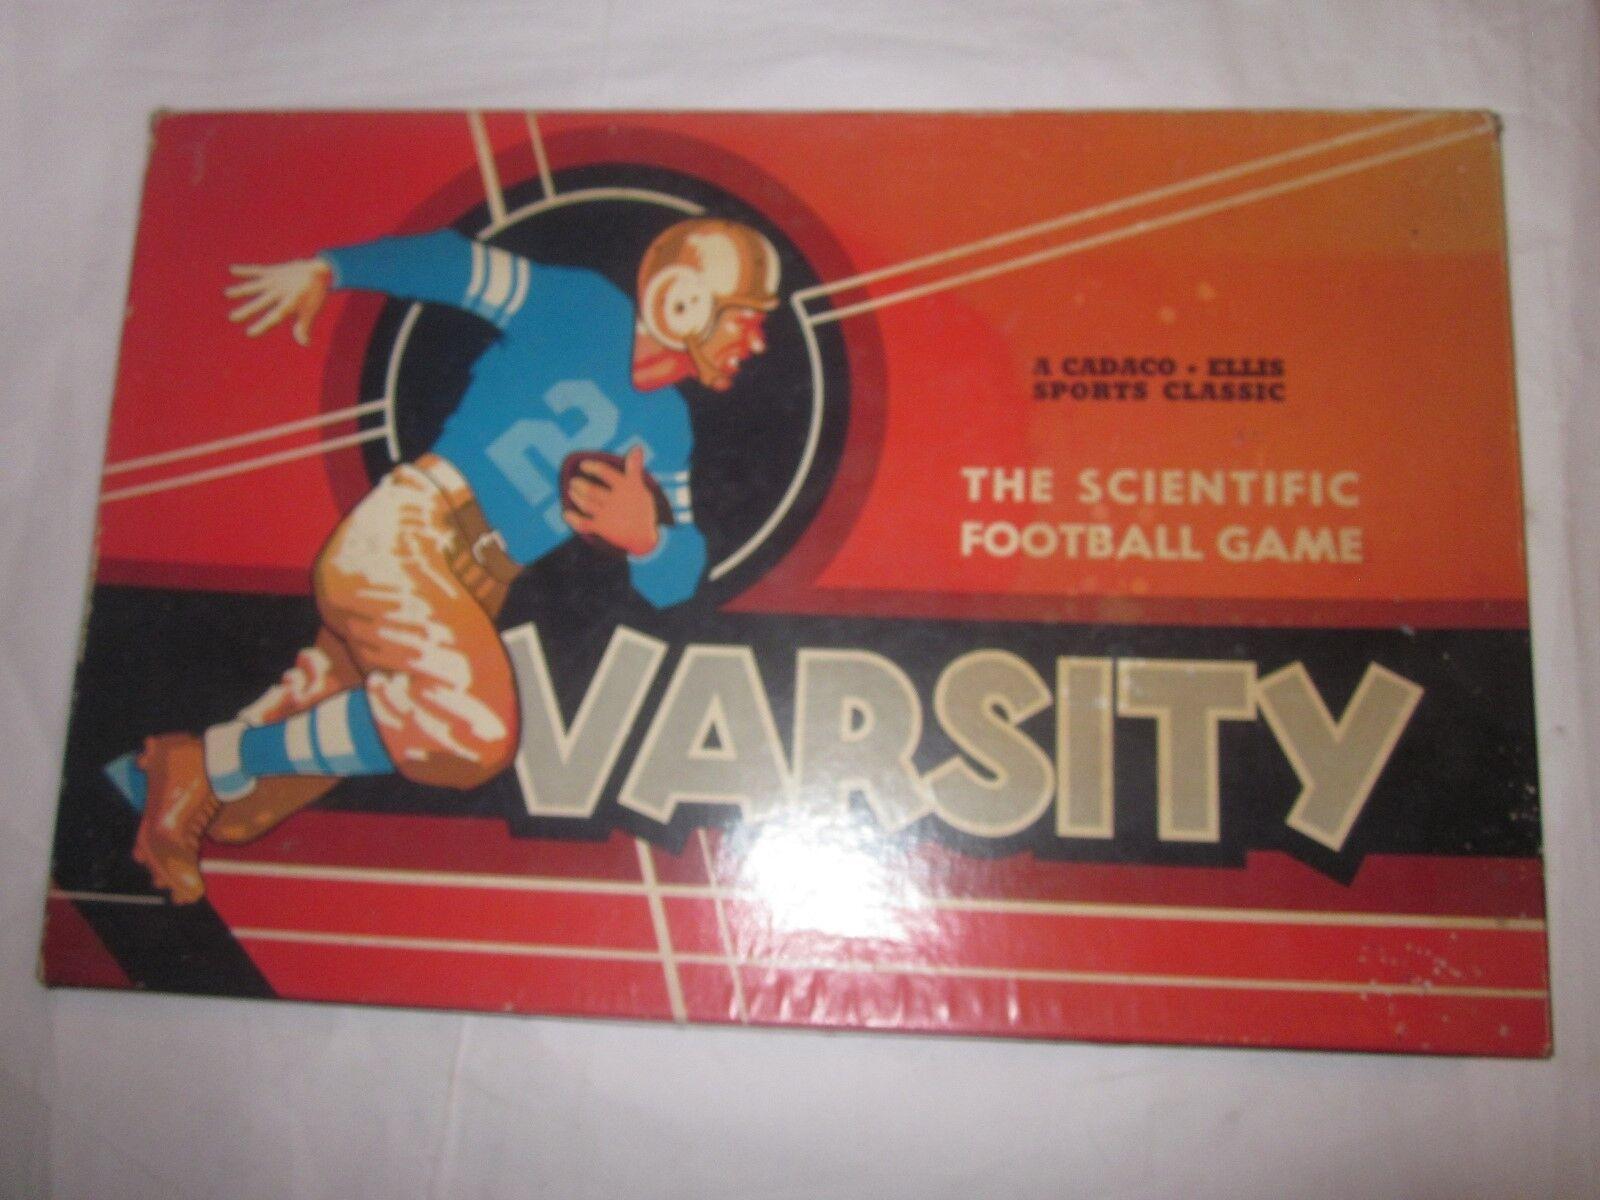 1955 Vintage Varsity el juego de fútbol científico por Cadaco Ellis Deportes Clásico